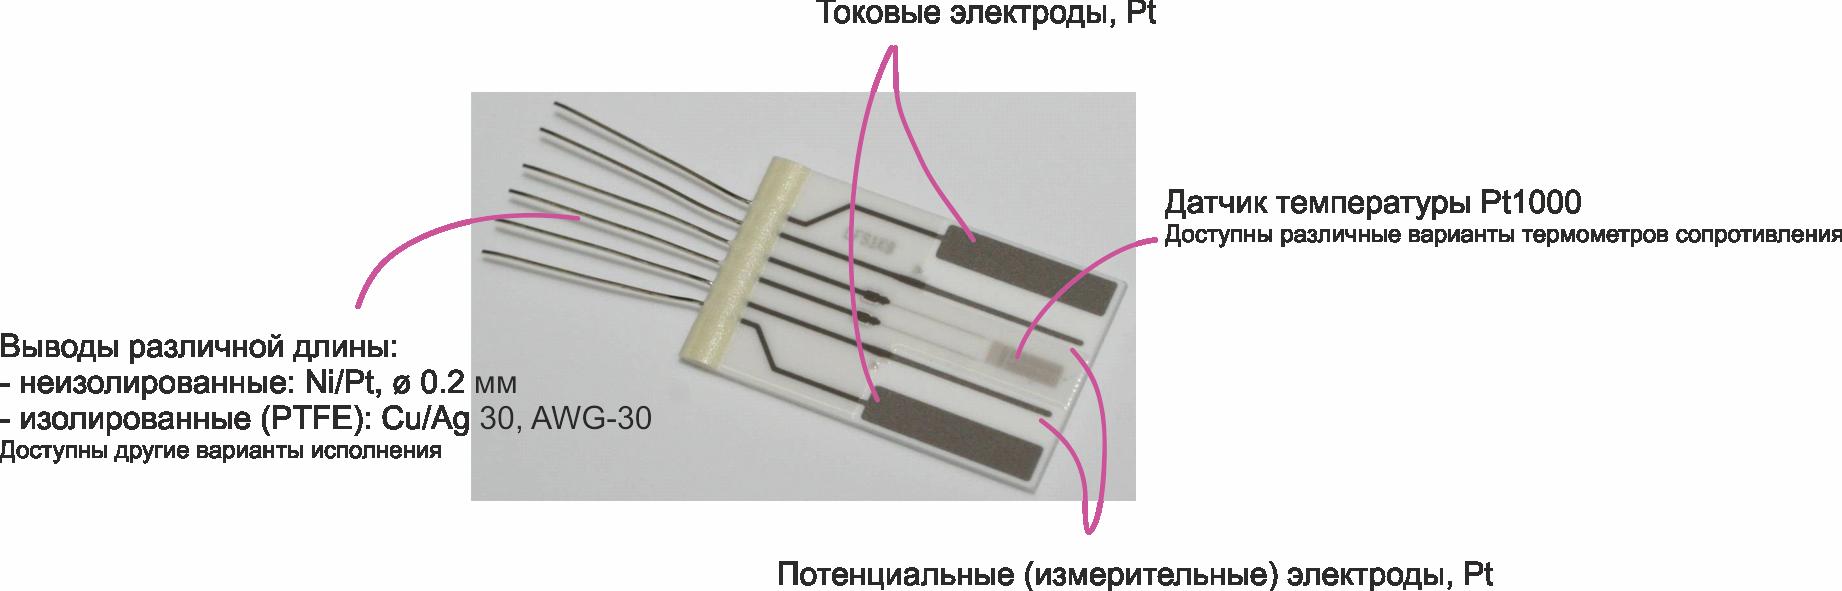 Время неожиданных аналогий: речные раки и датчики электропроводности - 7